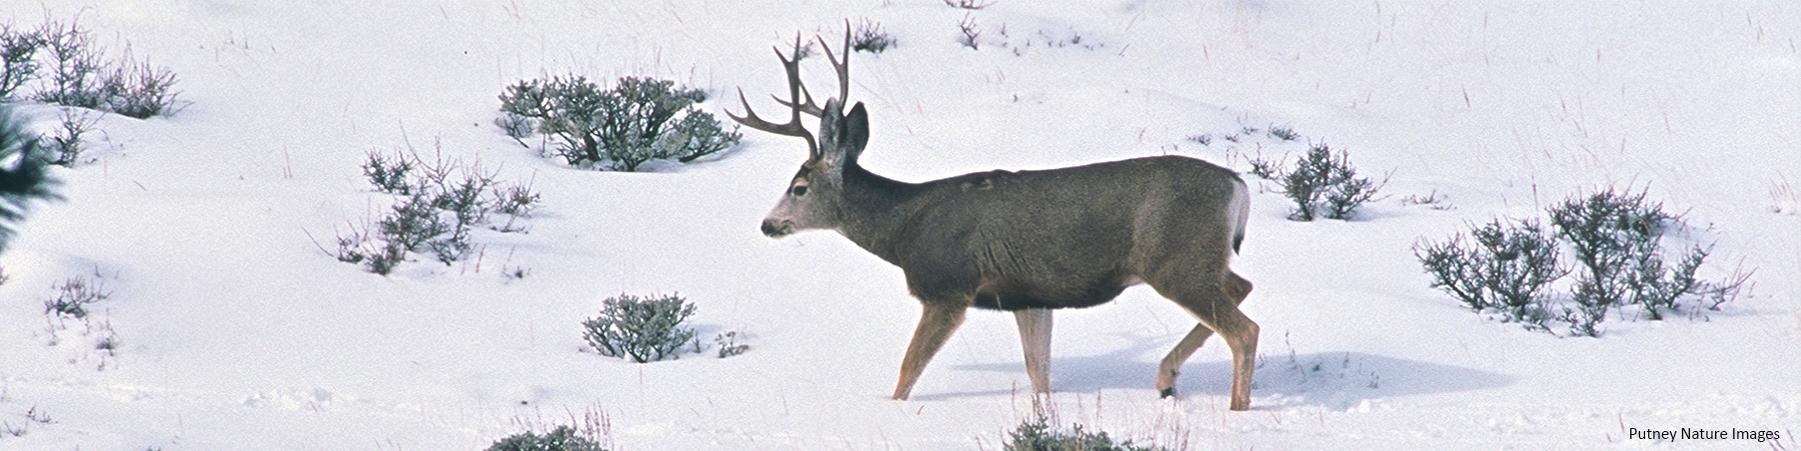 Mule deer snow G Putney f